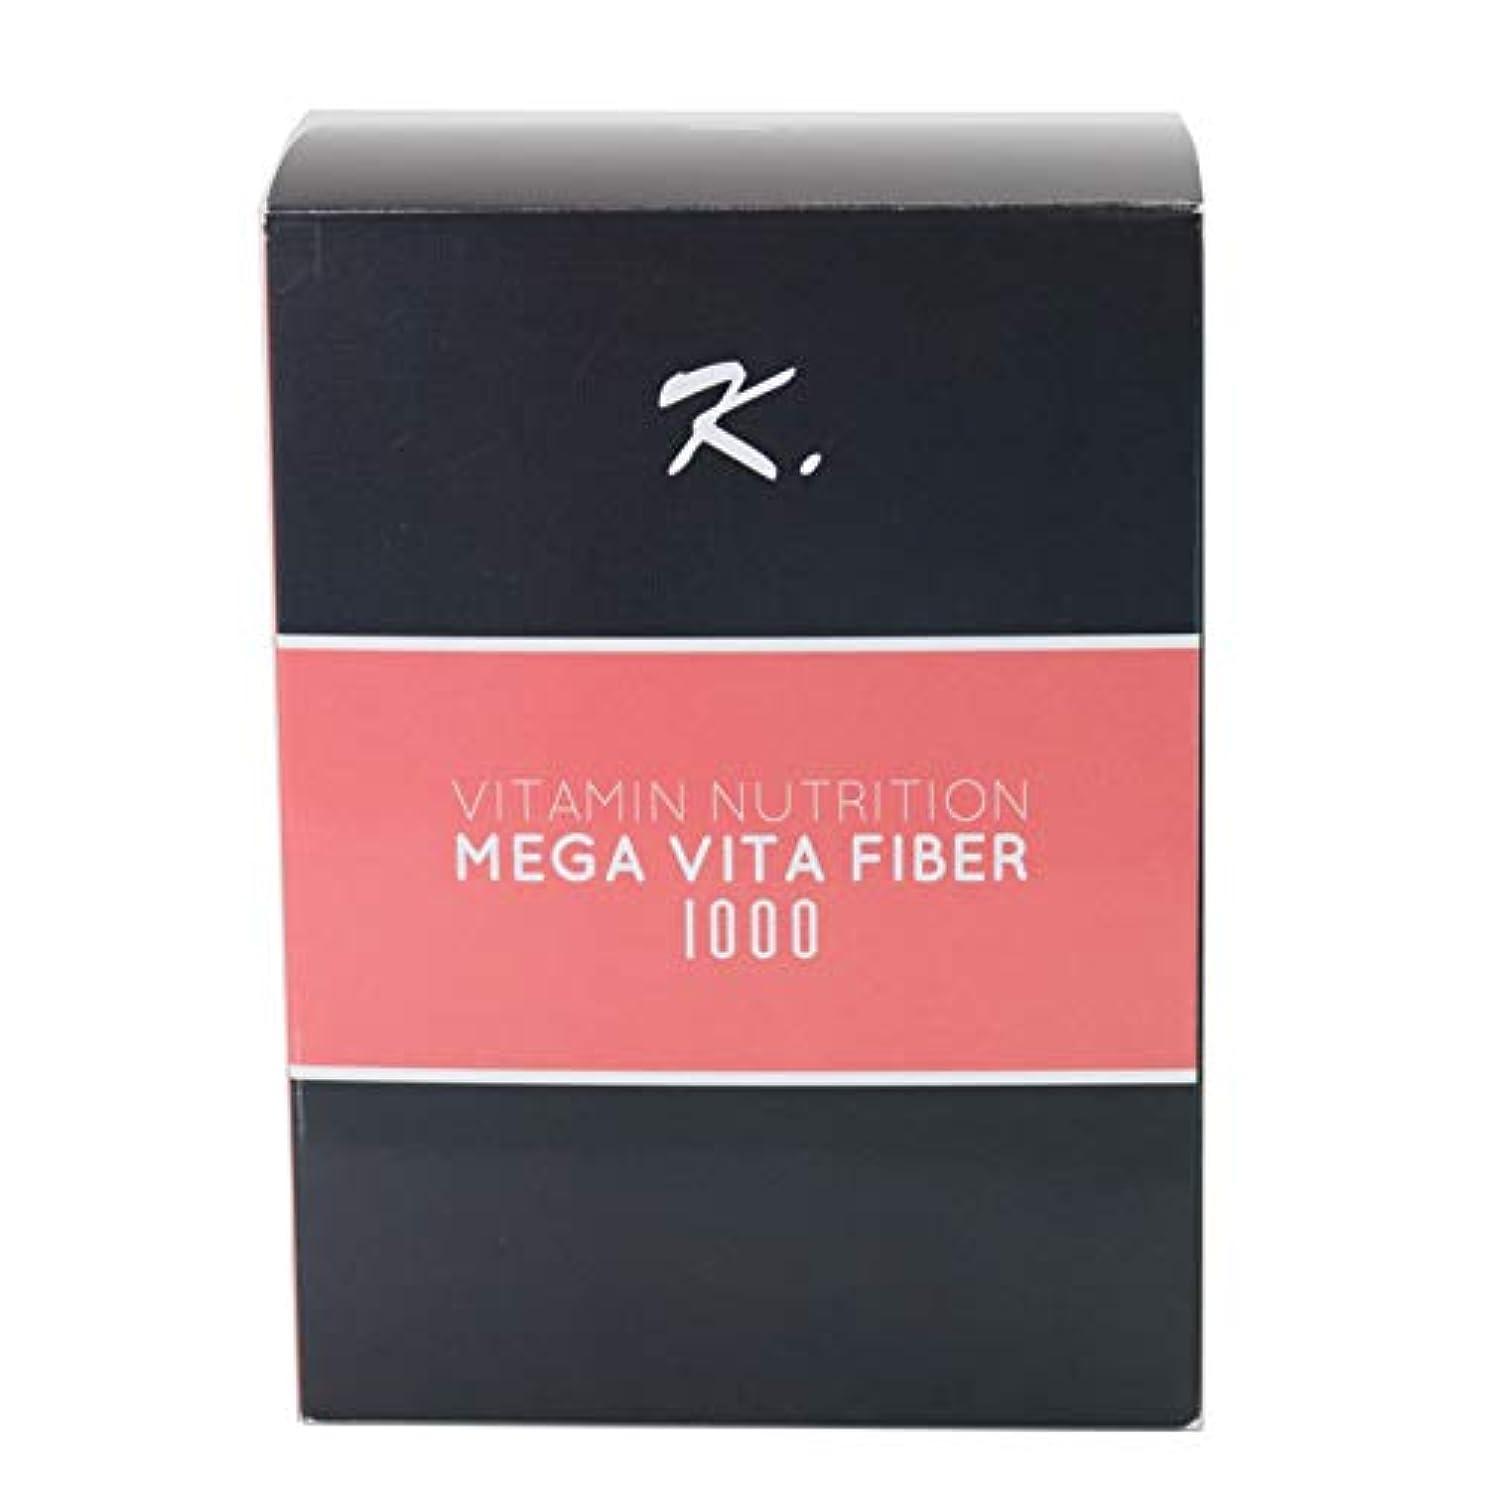 打撃拡張最適MEGA VITA FIBER 1000 食物繊維 ビタミンC ダイエット 糖質制限 サプリメント